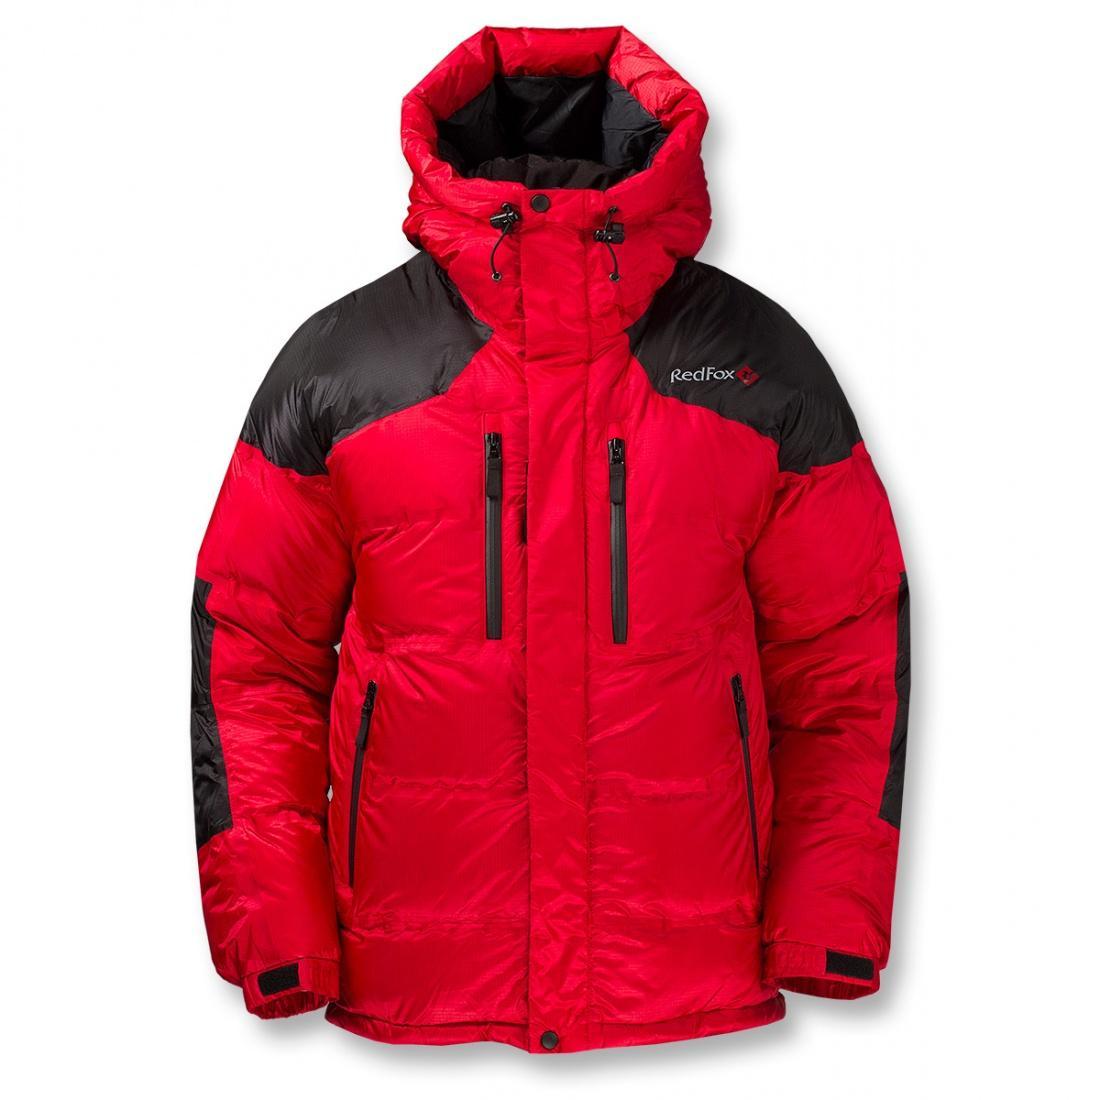 Куртка пуховая Extreme IIКуртки<br>Куртка из мембранных материалов для экстремальных условий. <br><br><br>Материал: Dry Factor 10000<br> <br>Подкладка: Nylon DP<br>Утеплитель: гус...<br><br>Цвет: Красный<br>Размер: 52